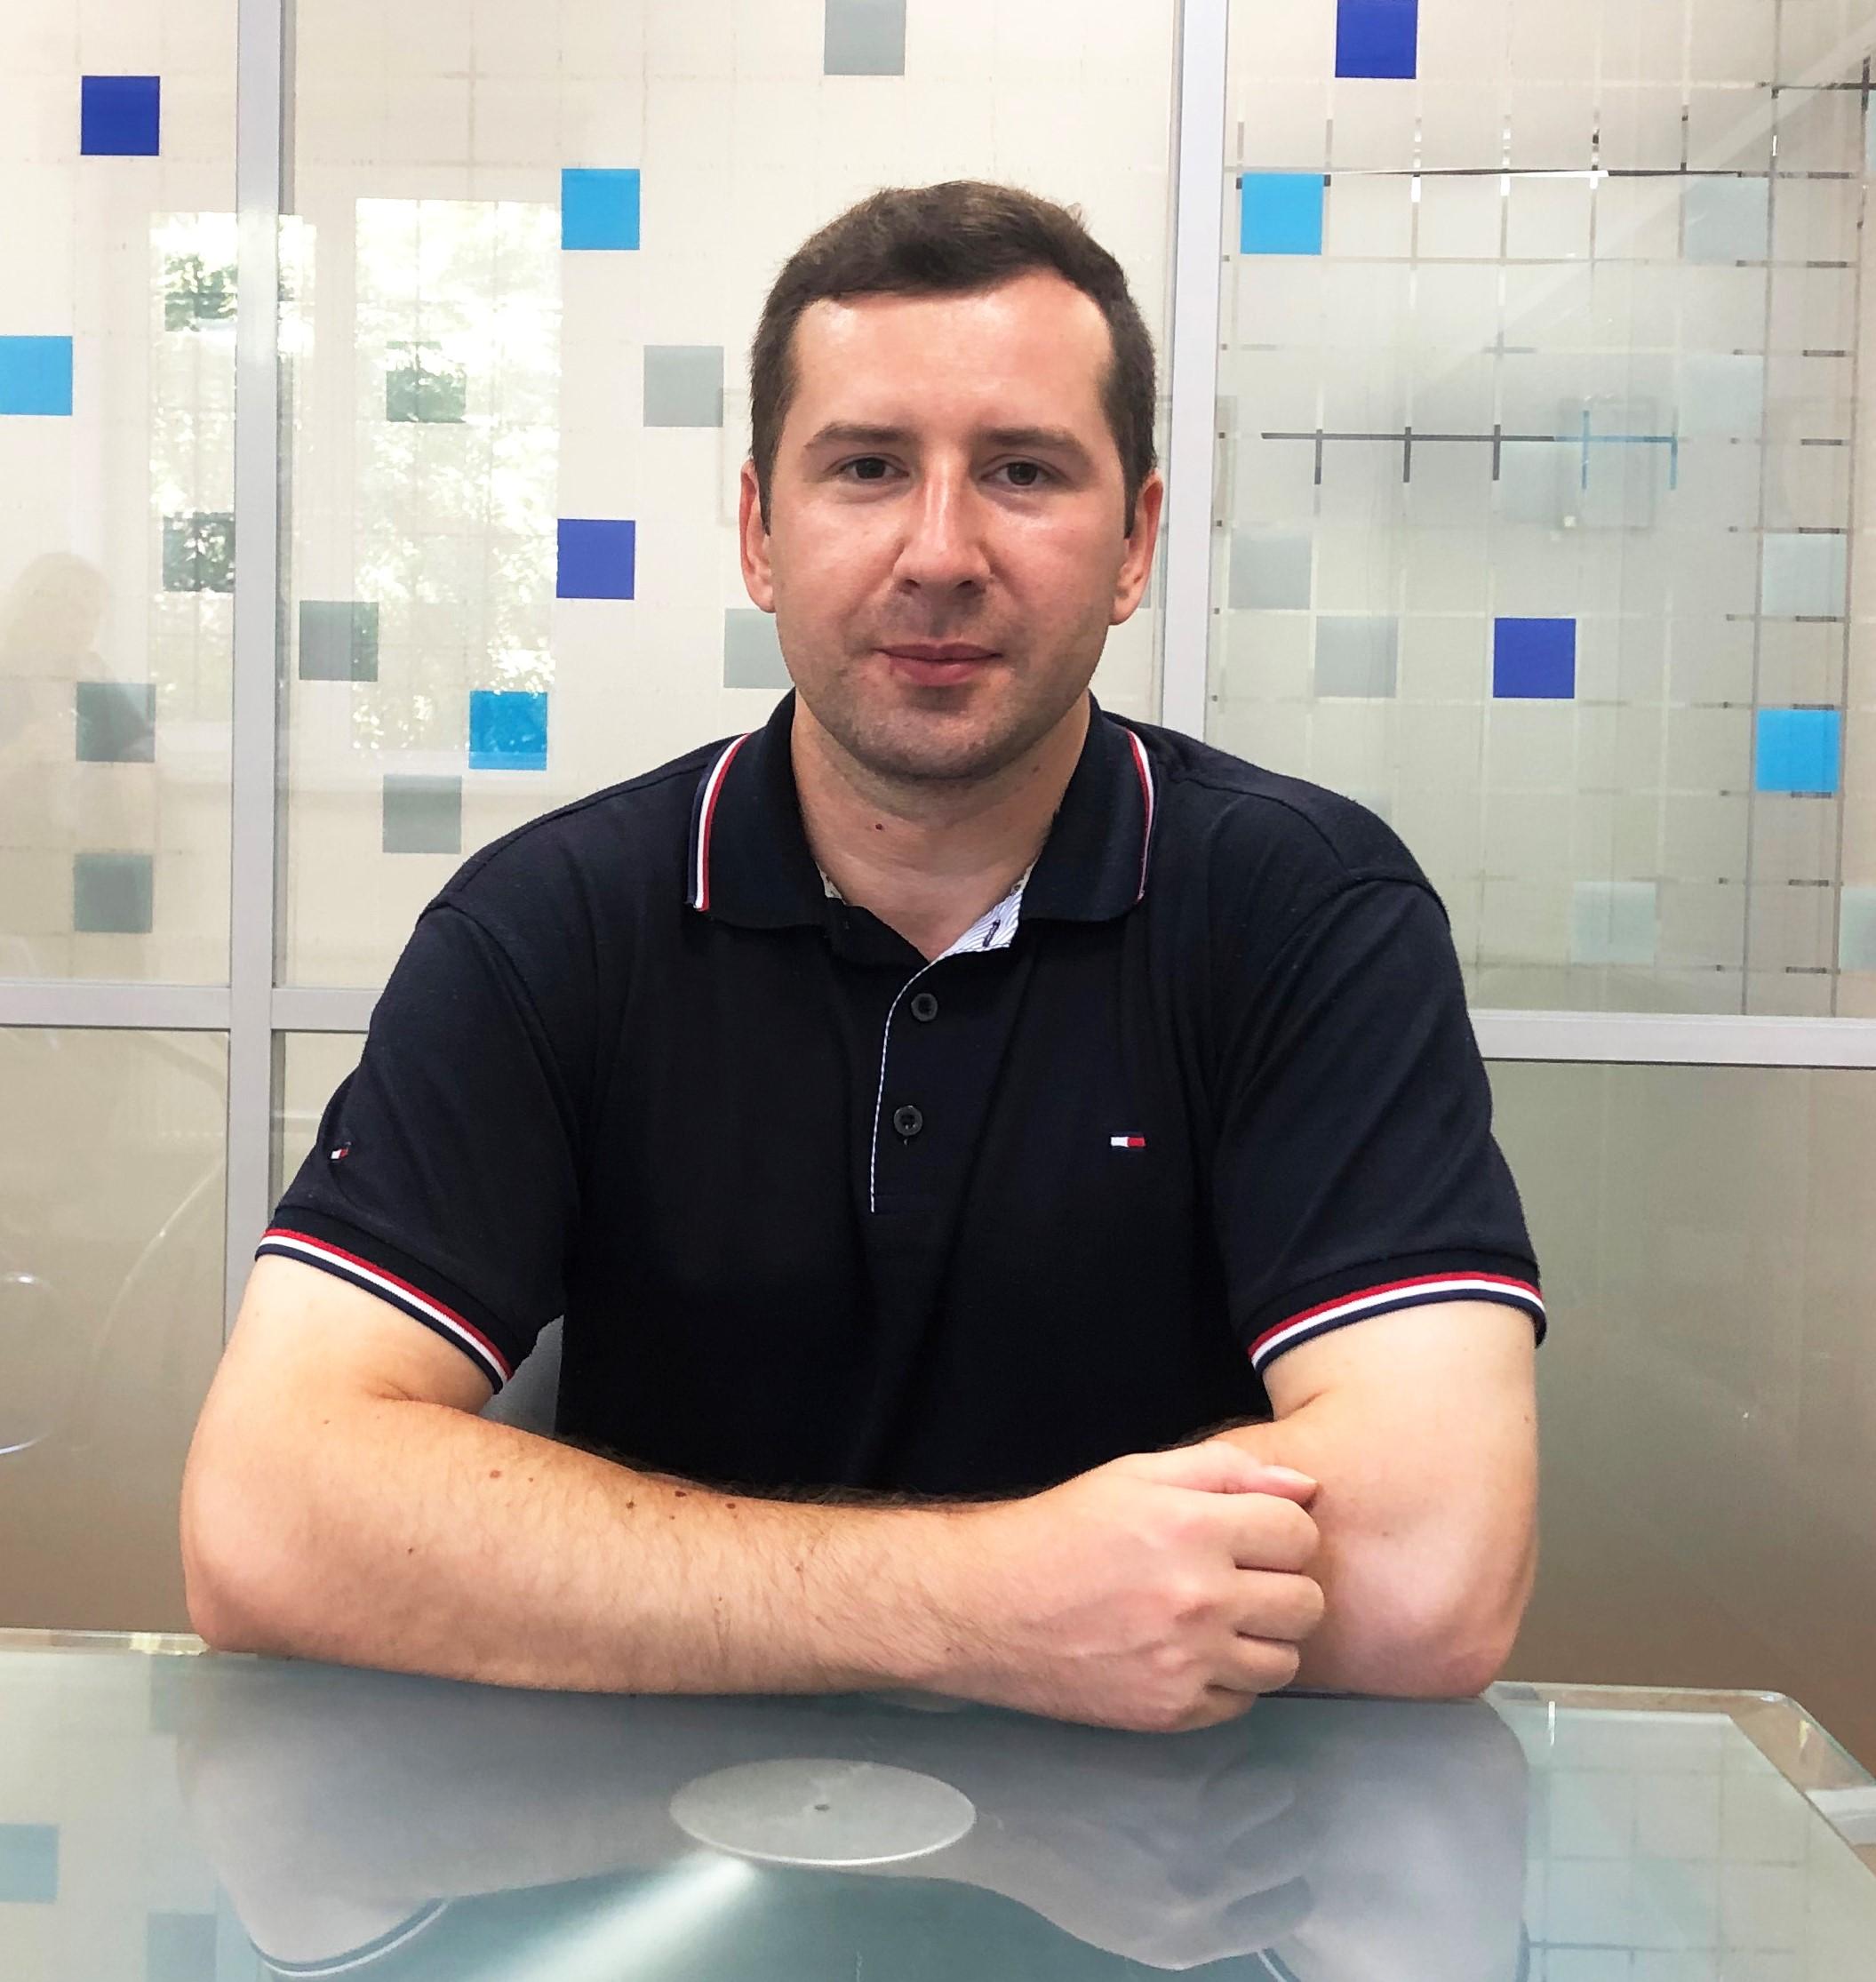 Oleksii Semenov